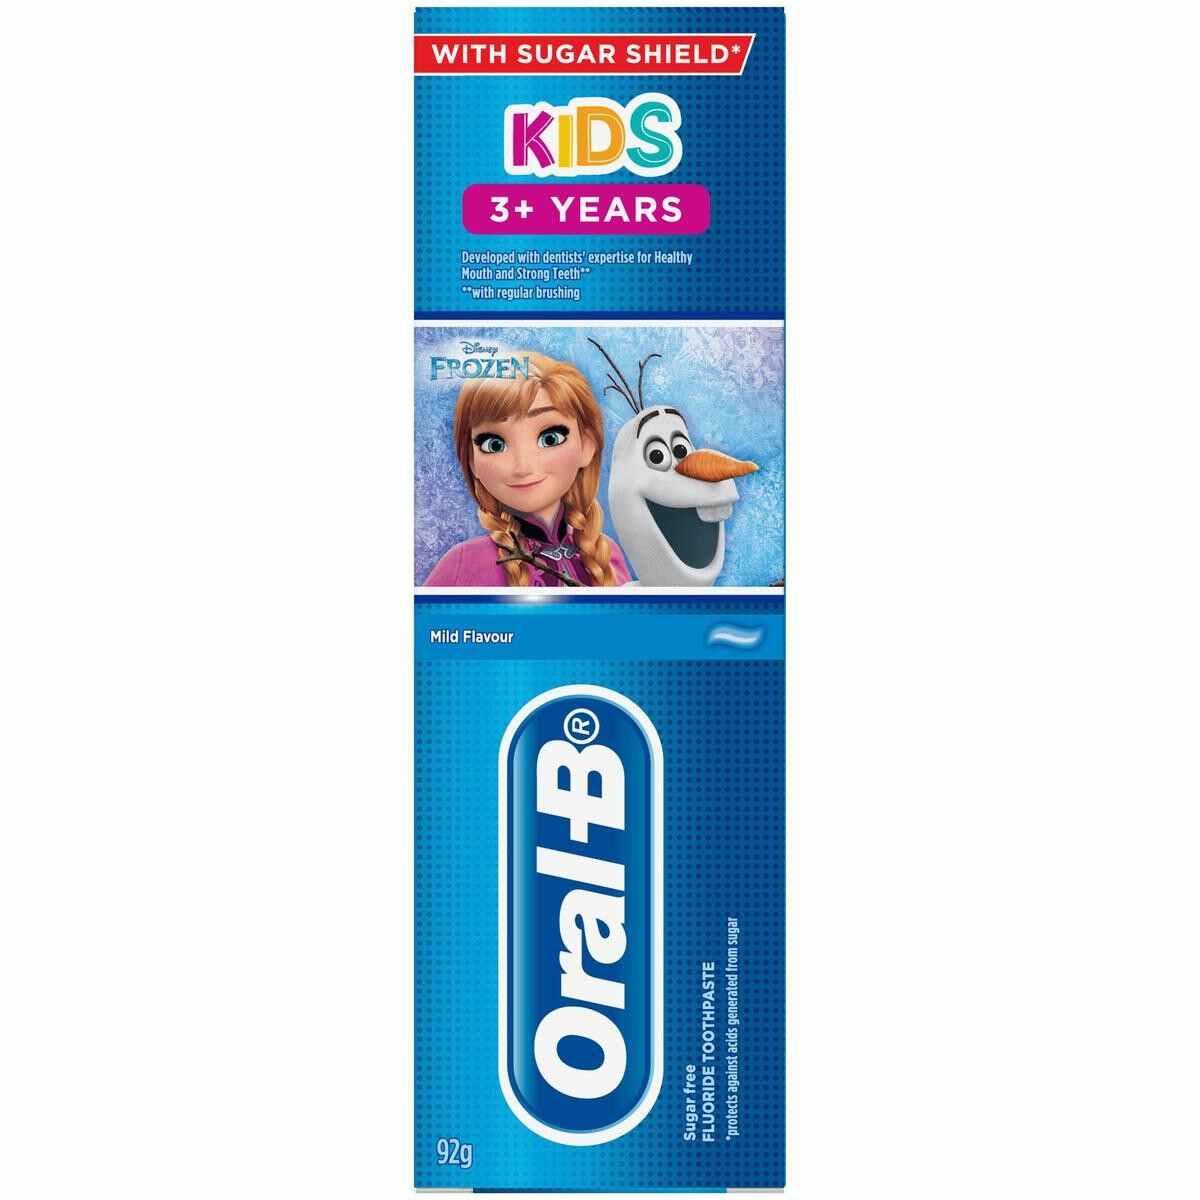 خمیردندان کودکان بالای 3 سال اورال بی مدل frozen سری kids